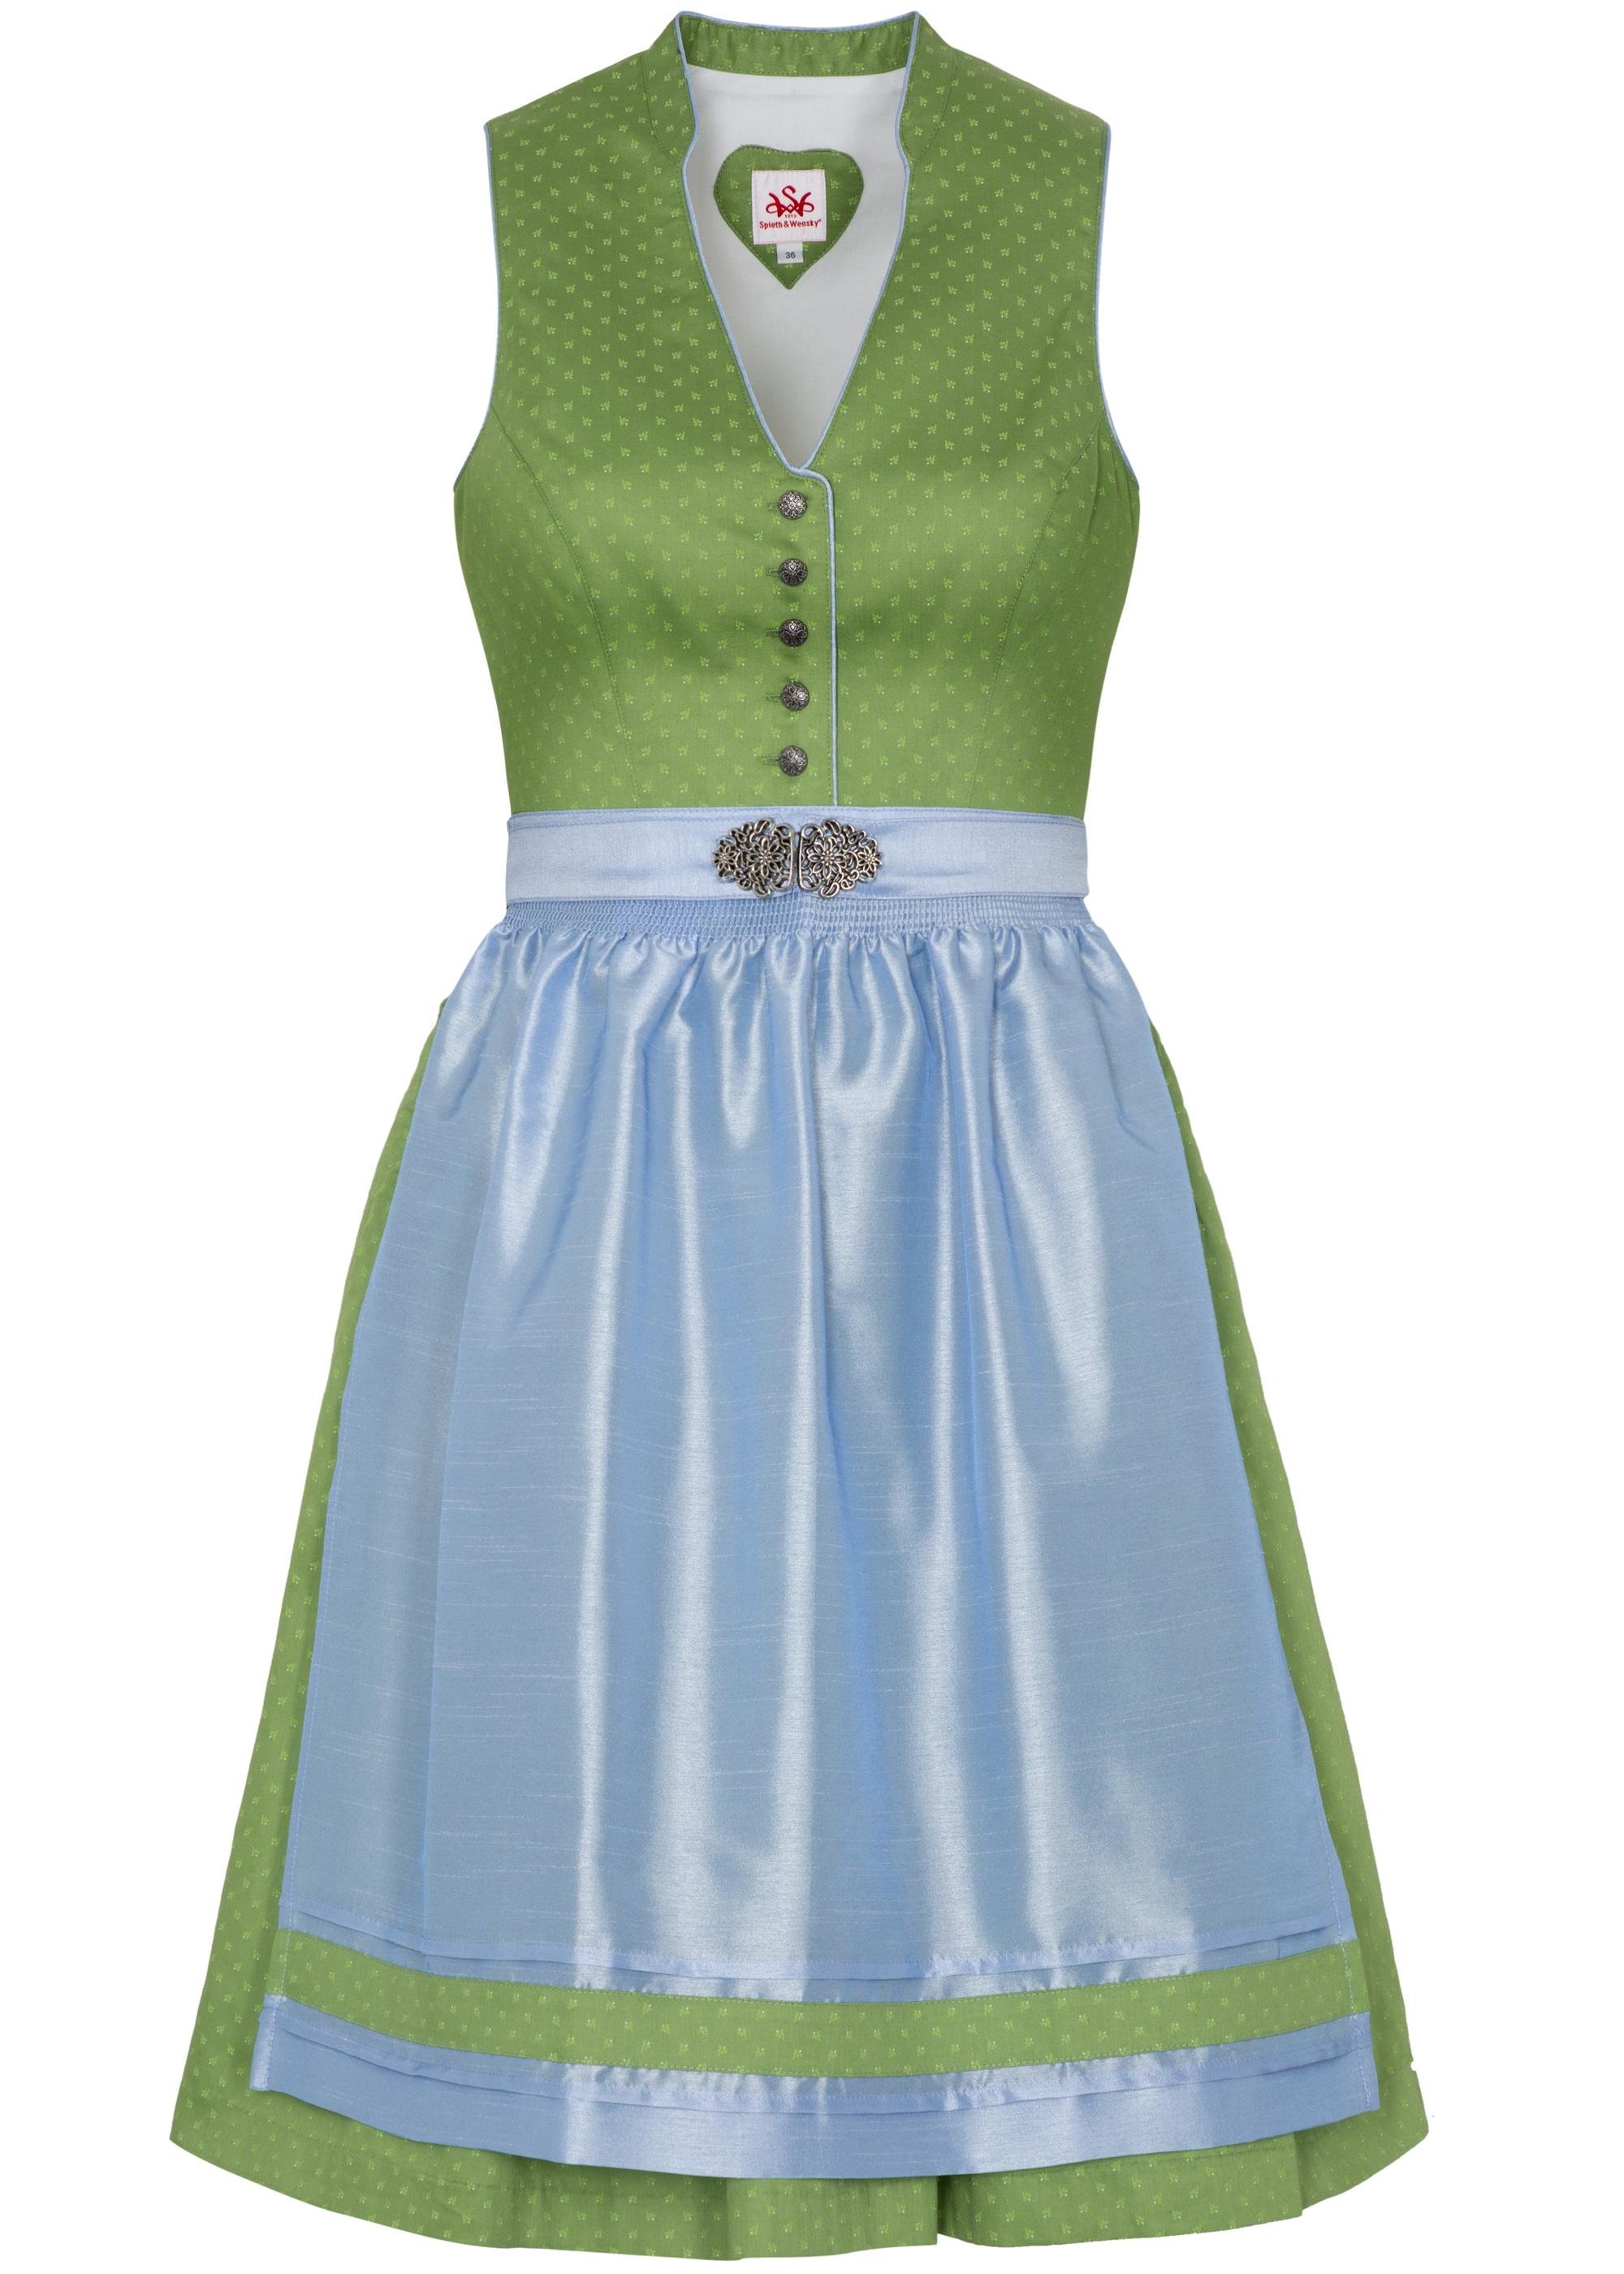 bekleidung » e damen-kleider online kaufen | damenmode